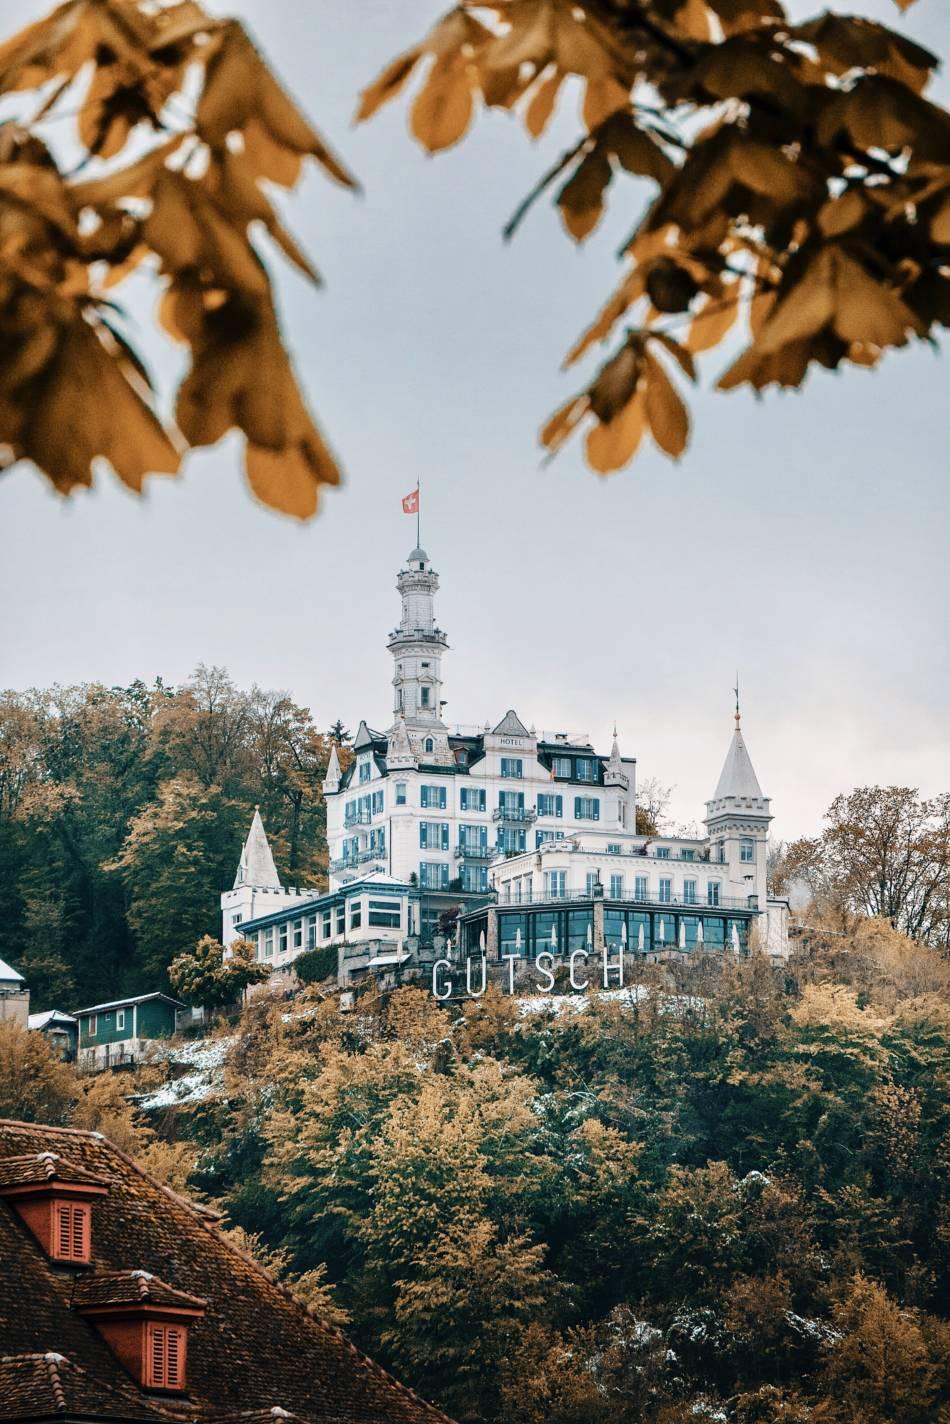 Hotel Gutsch